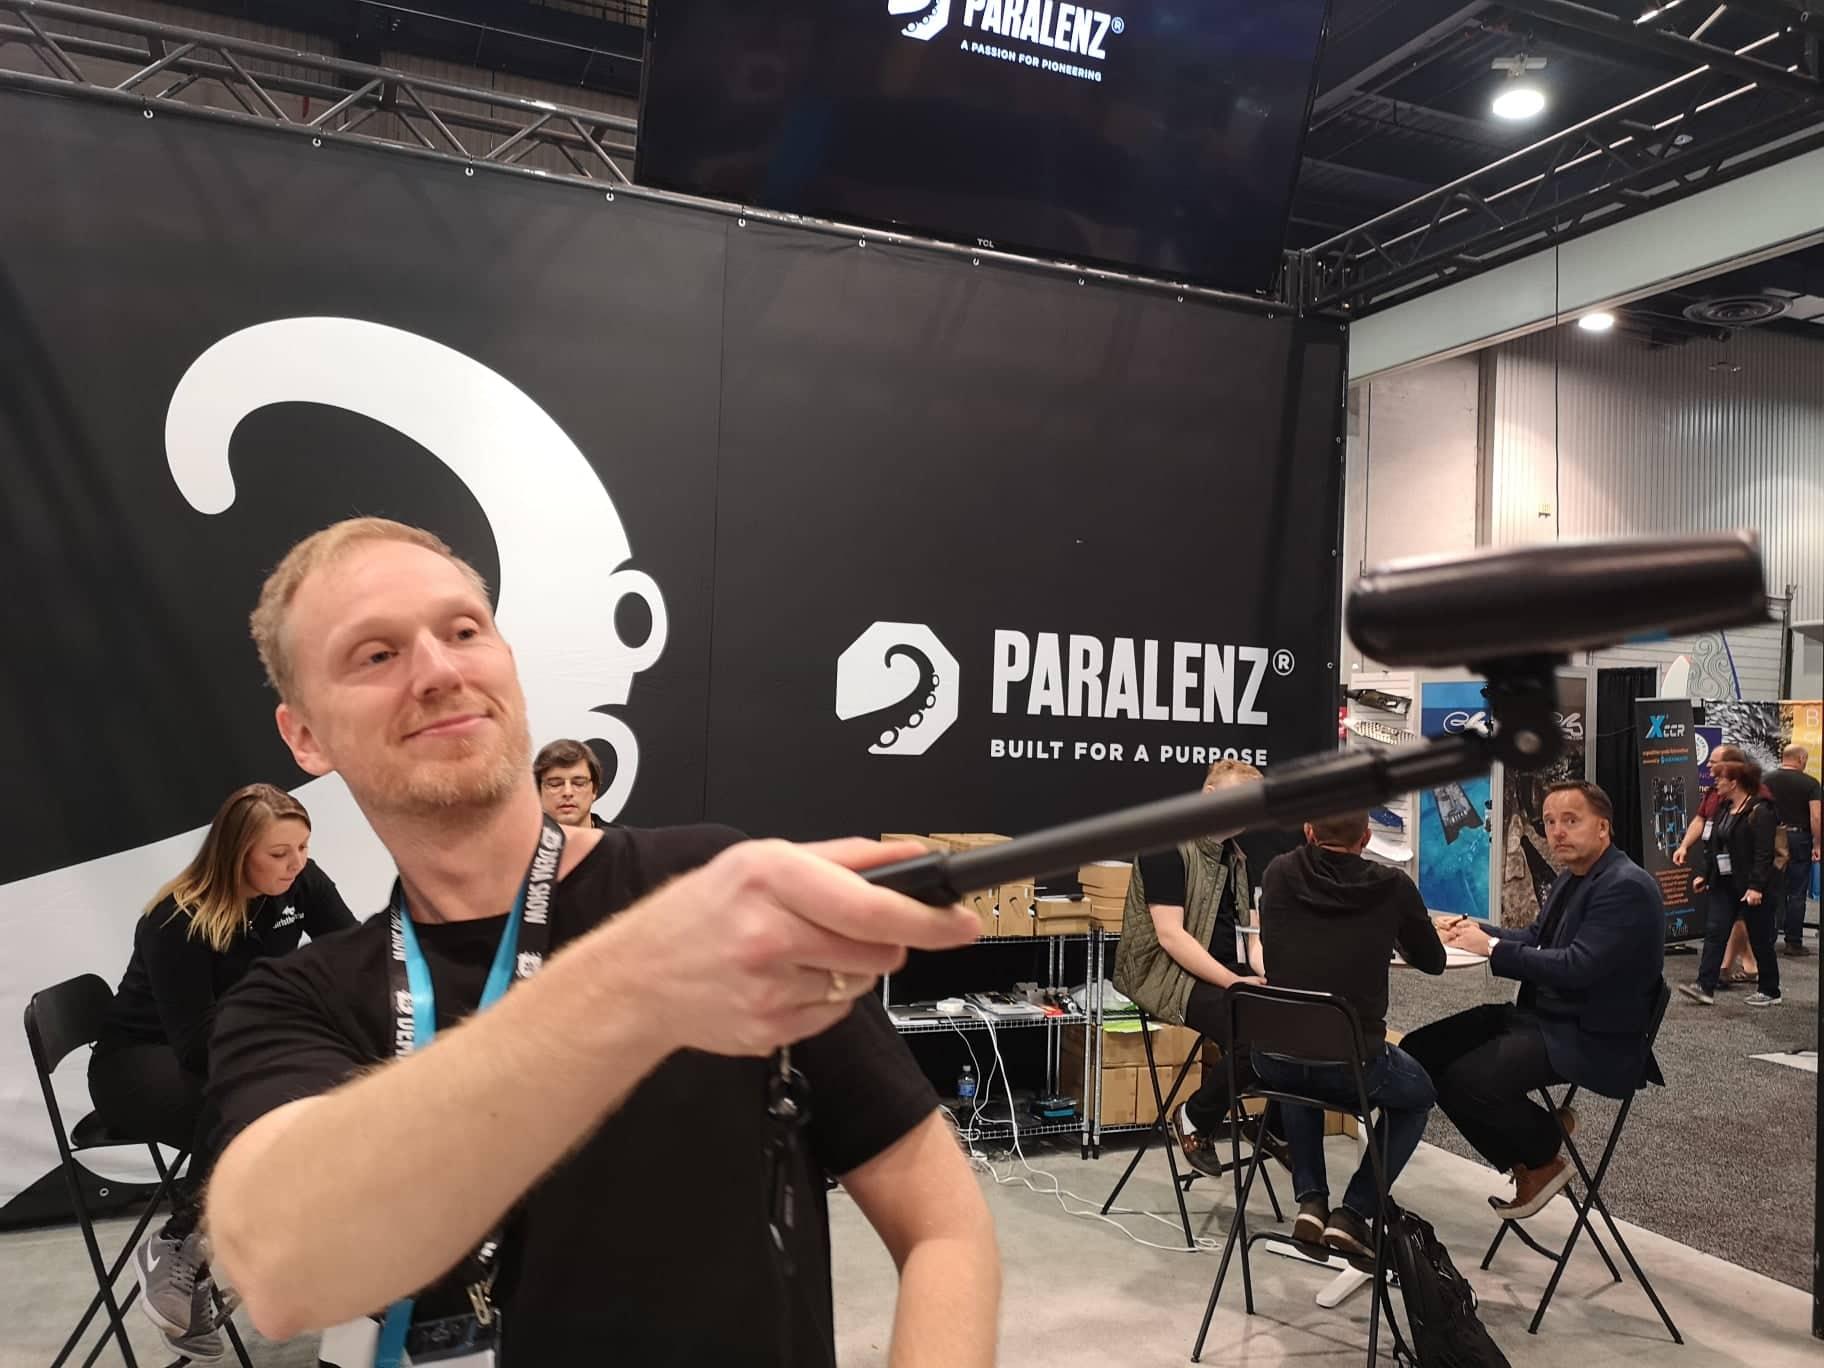 Paralenz selfie stick